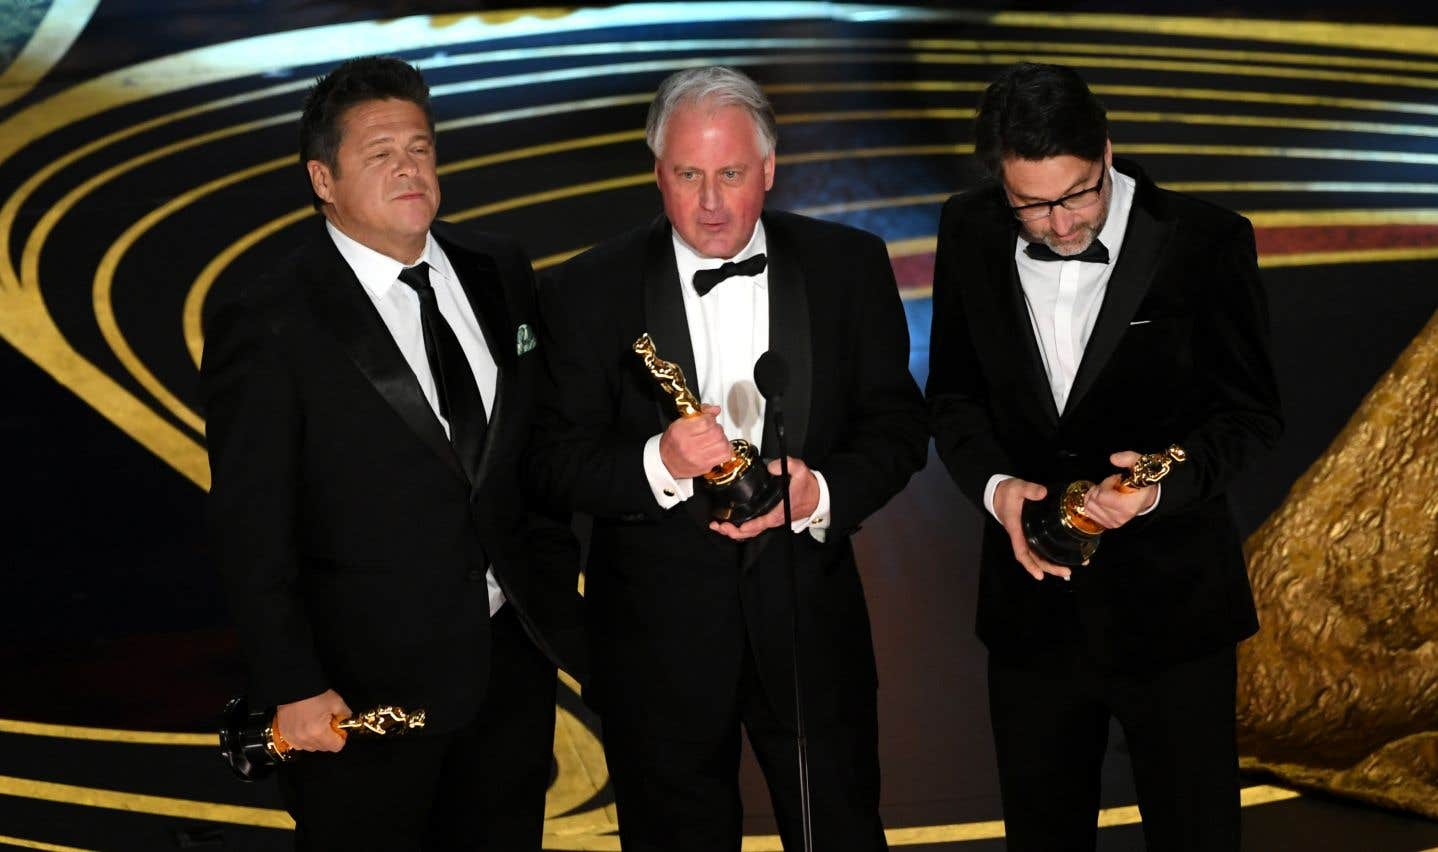 Tim Cavagin, Paul Massey, et John Casali ont reçu l'Oscarpour le meilleur mixage sonore pour «Bohemian Rhapsody». L'équipe du film est aussi repartie avec l'Oscar dumeilleur montage sonore, et du meilleur montage.